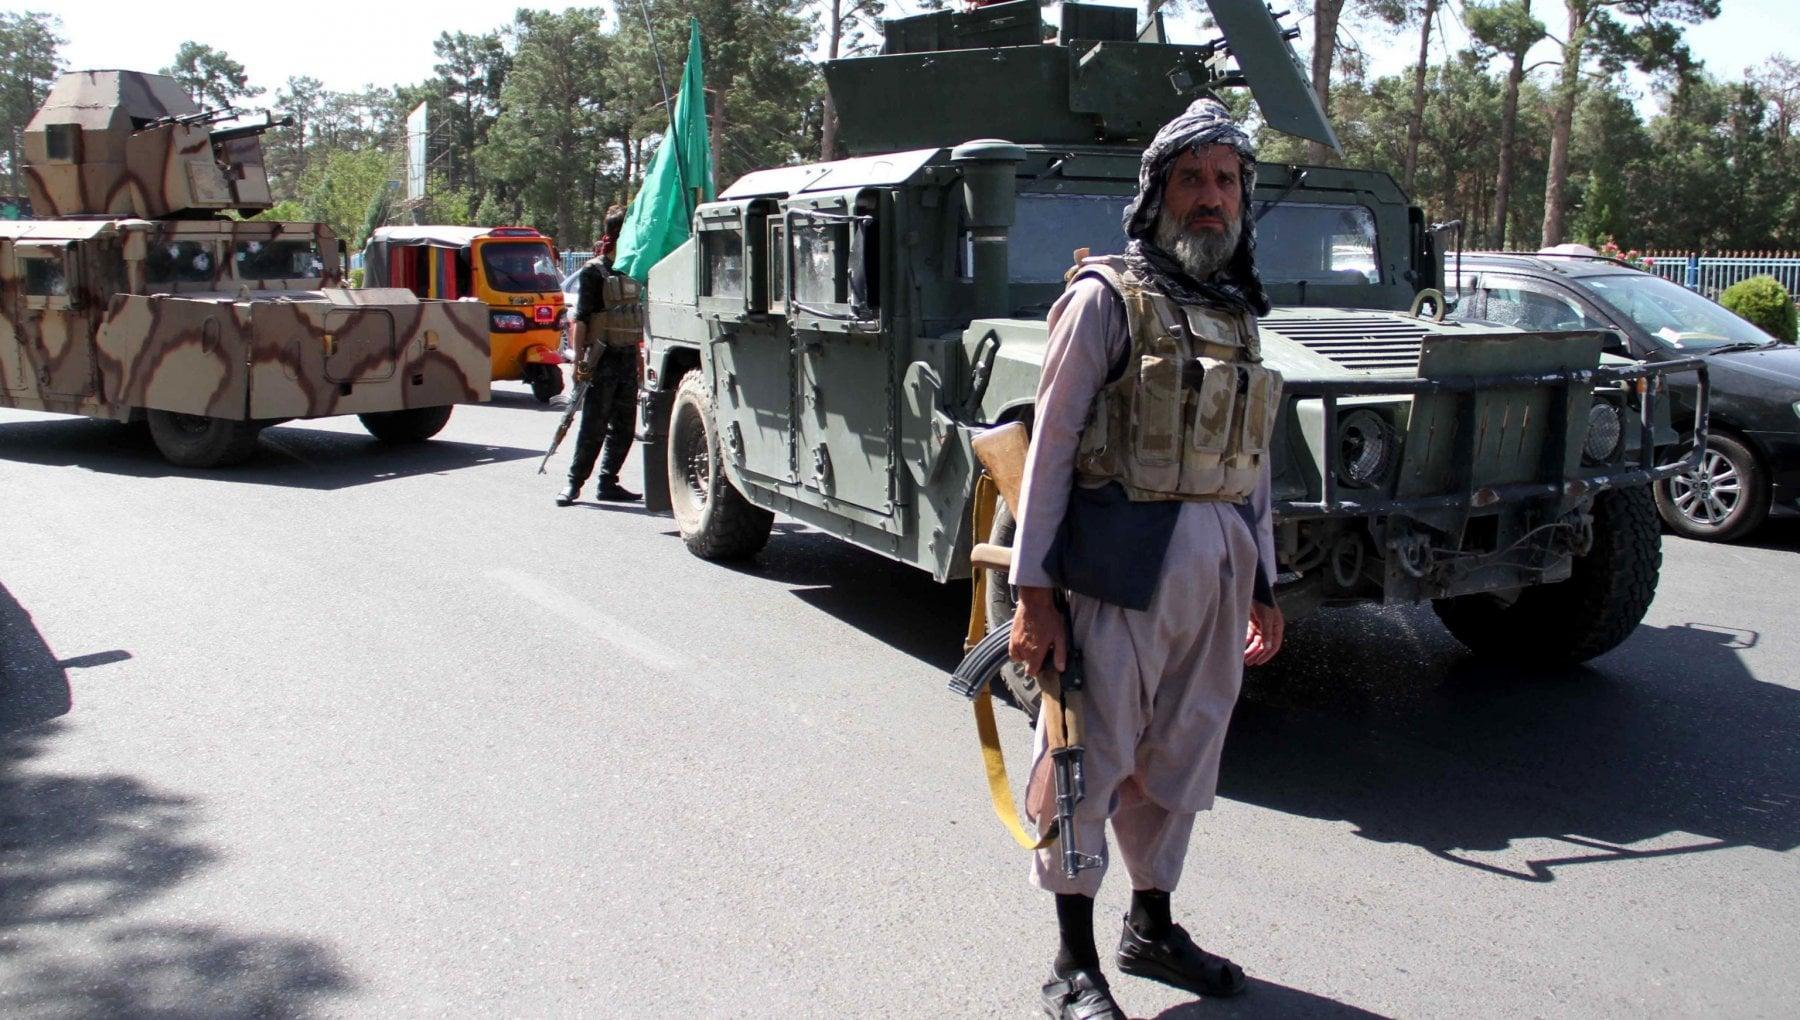 072723866 9939bcf6 1f05 4824 bc1b d4d8b4b8396f - Afghanistan, violenti combattimenti a Kunduz tra talebani e forze governative